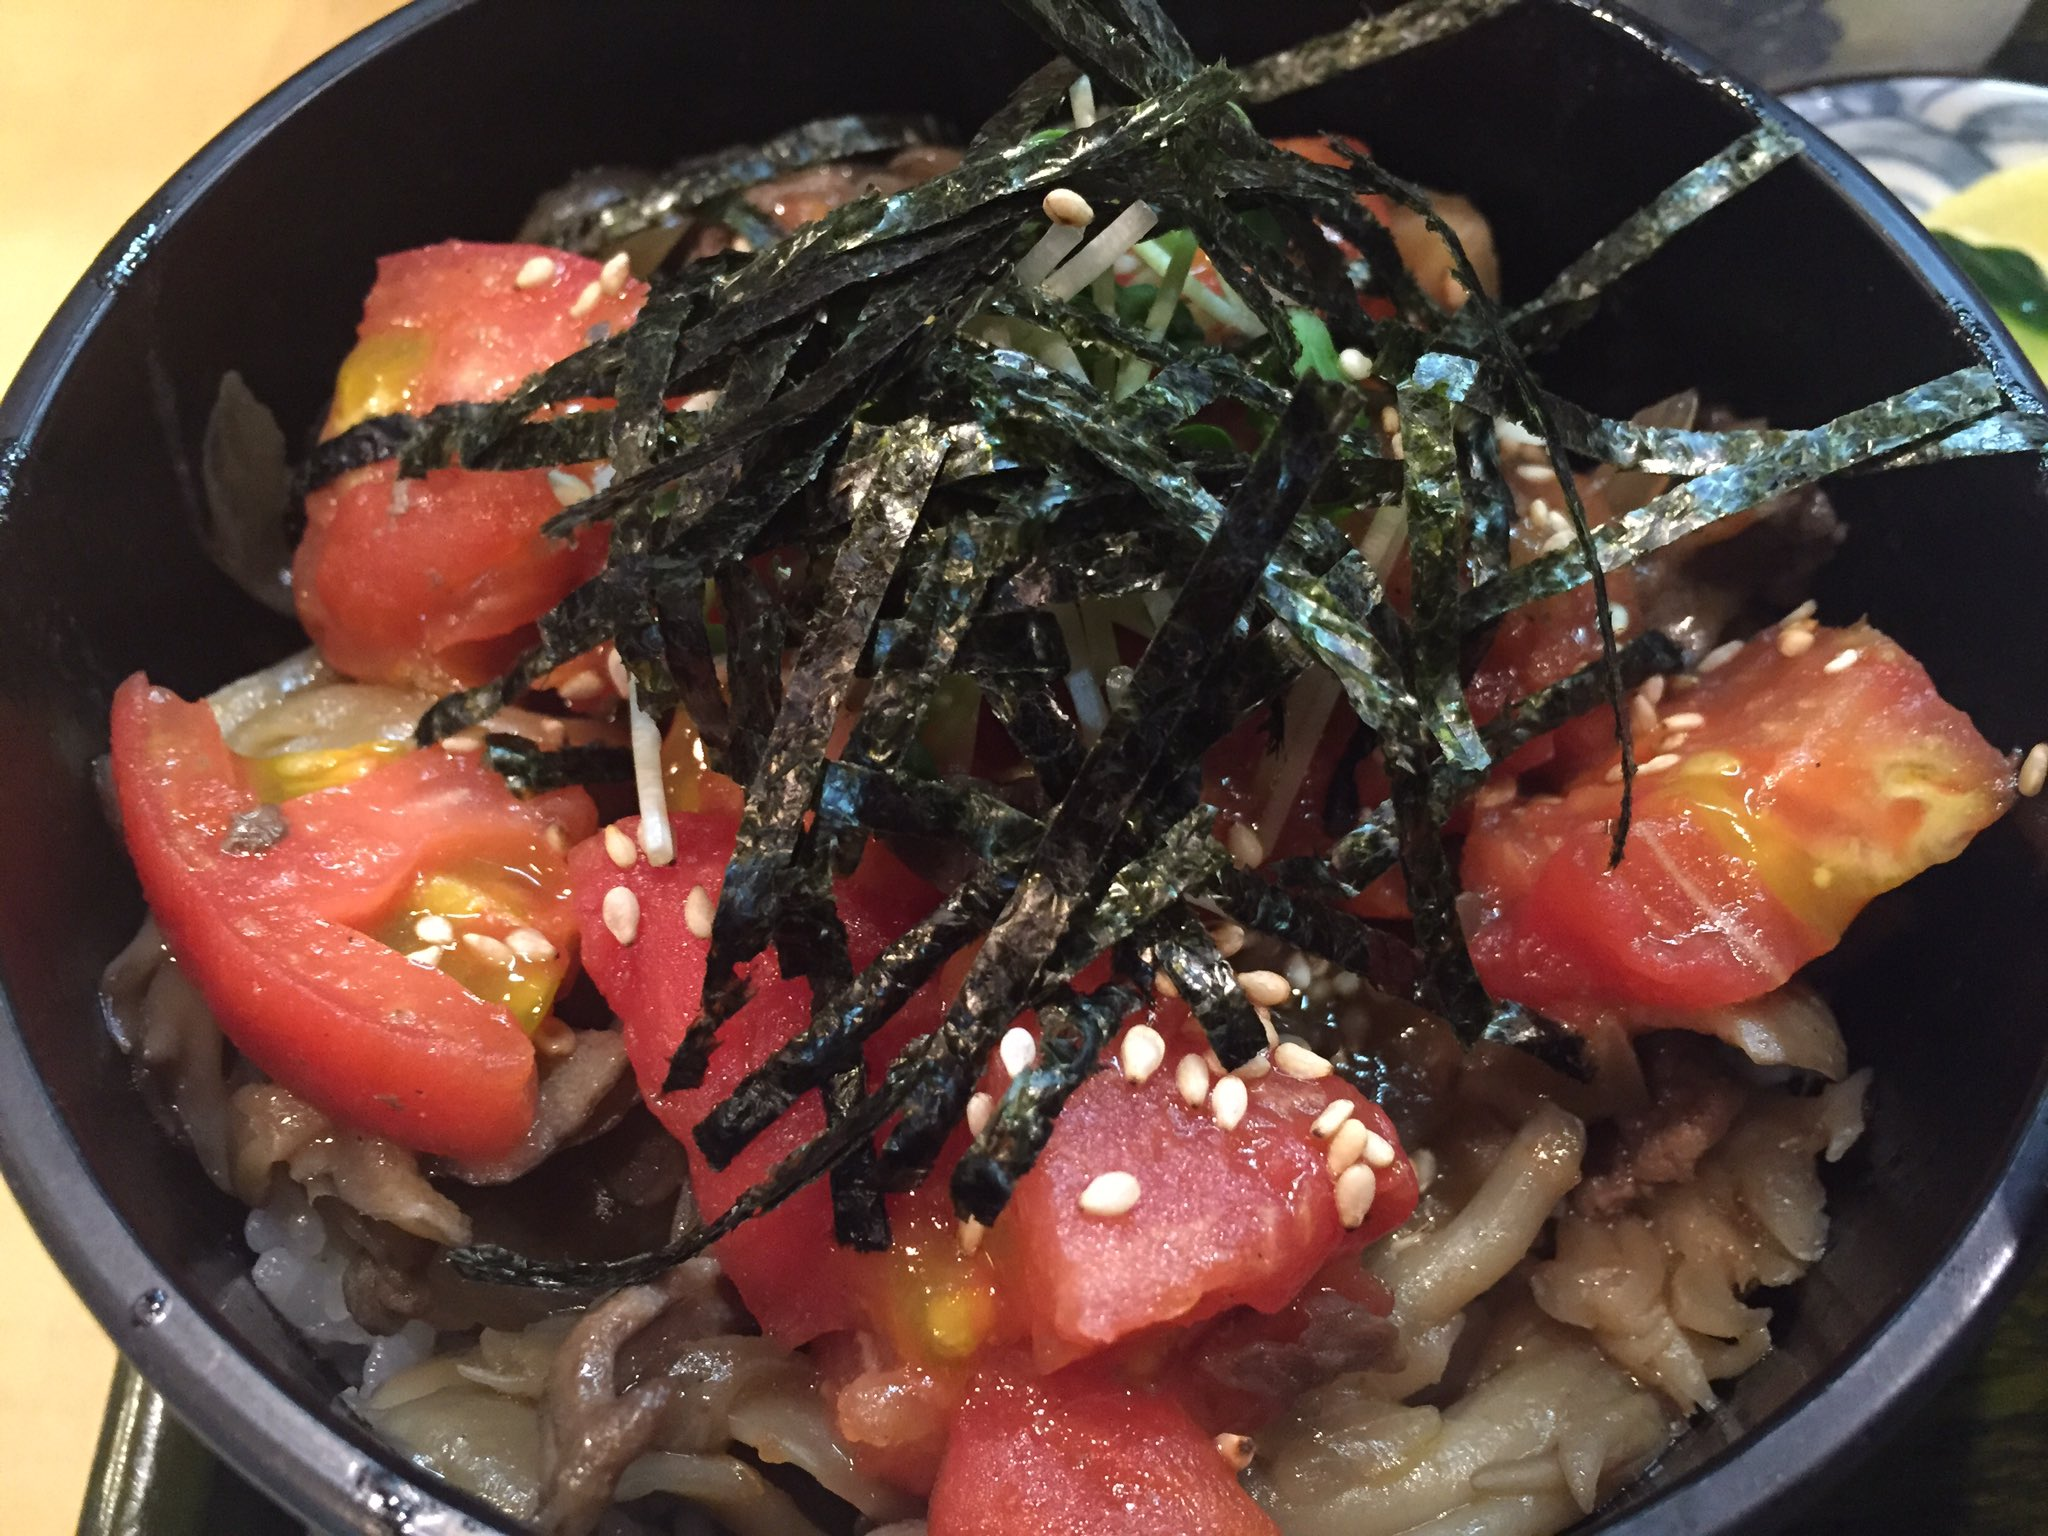 อาหารท้องถิ่น จ.กิฟุ - ข้าวหน้ามะเขือเทศ (Tomato Don)